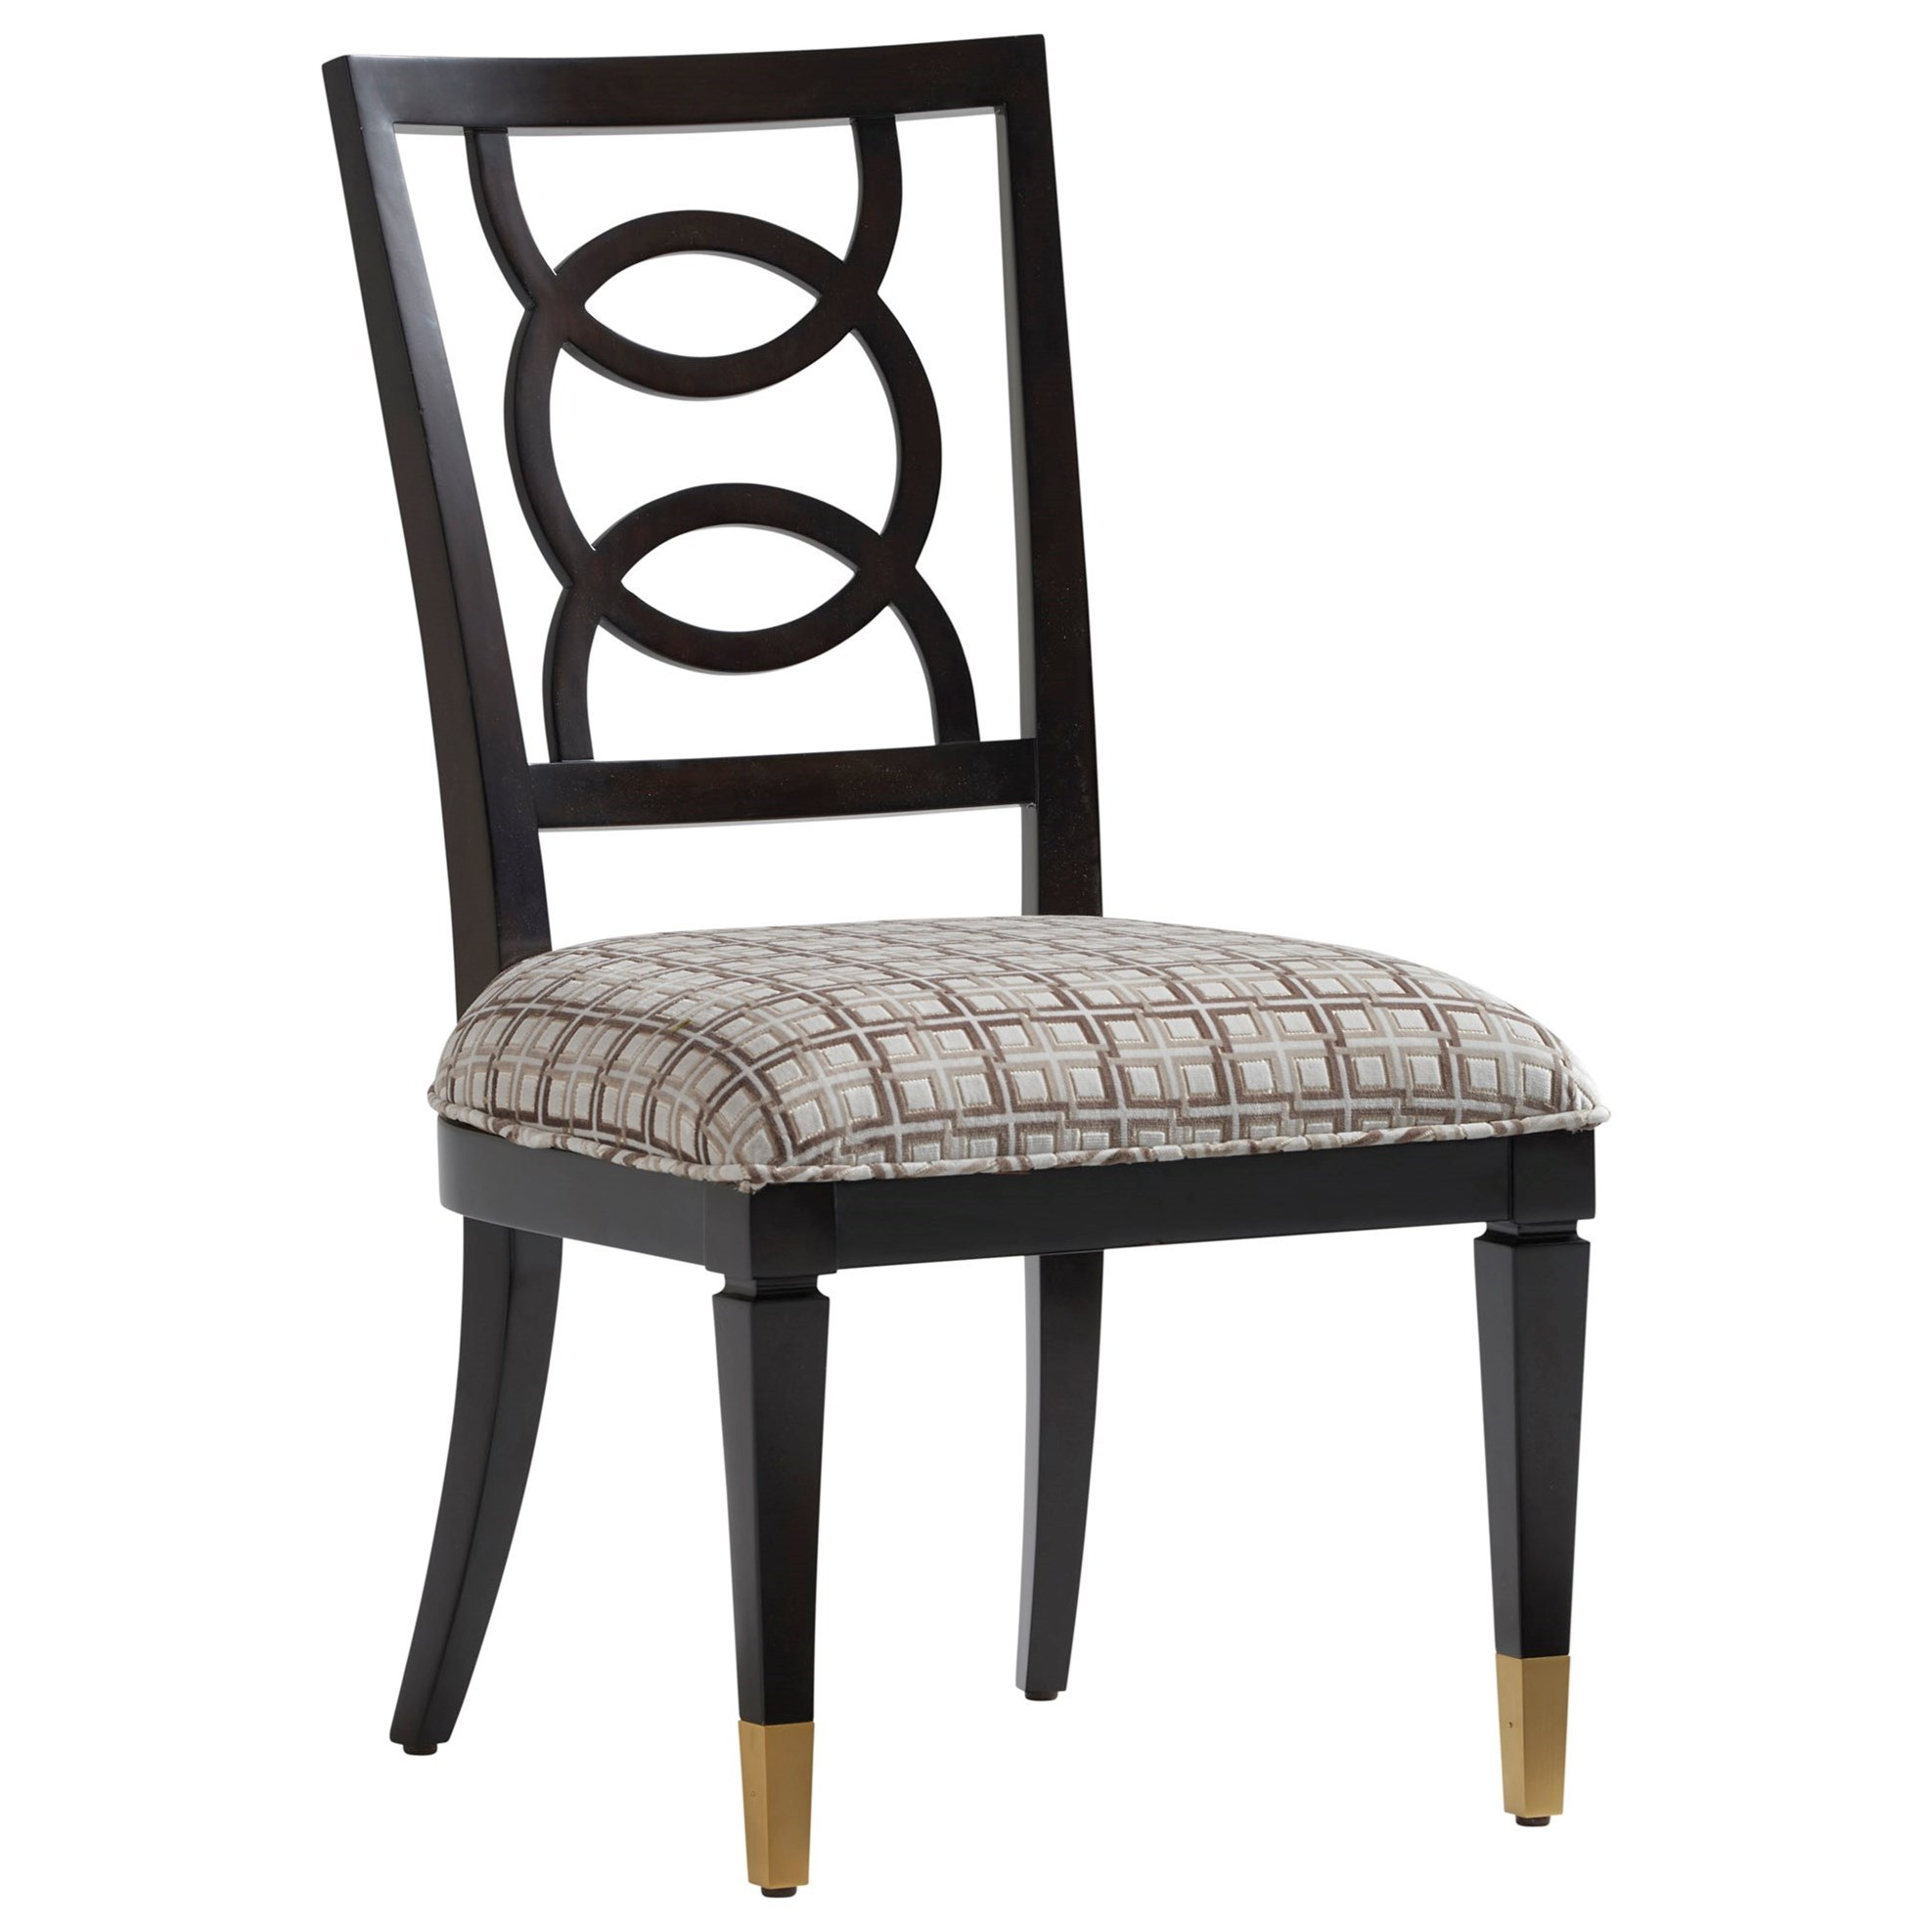 Pierce Upholstered Side Chair - Custom